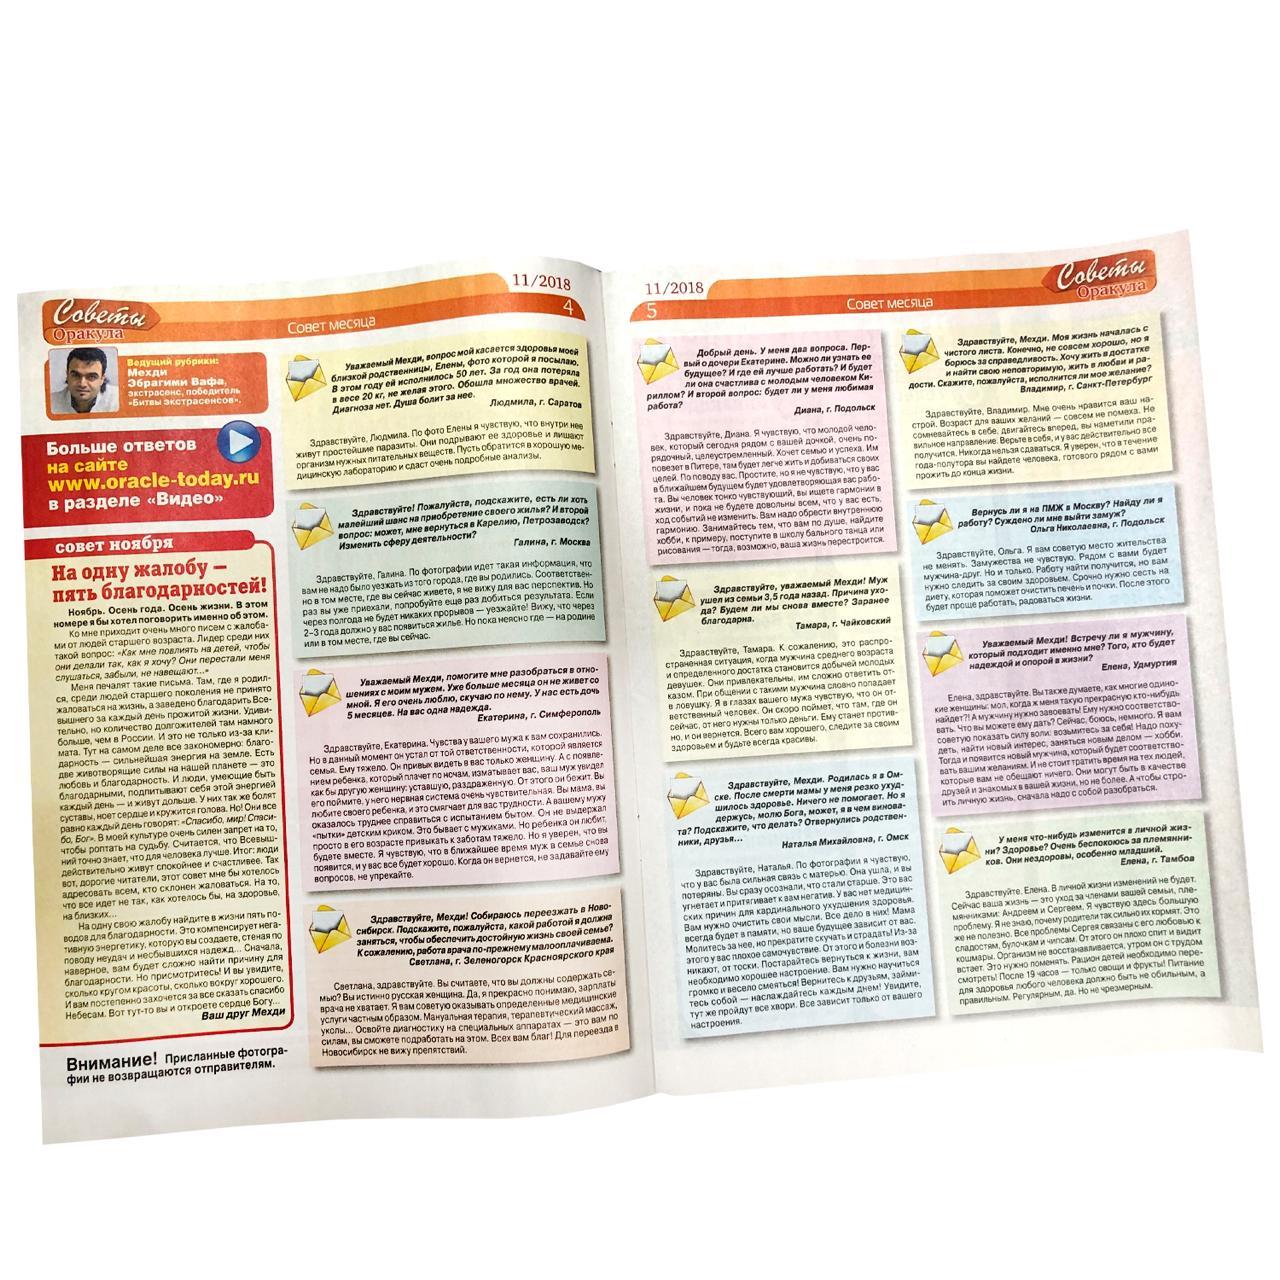 Получить совет от экстрасенса Мехди через журнал «Советы Оракула»